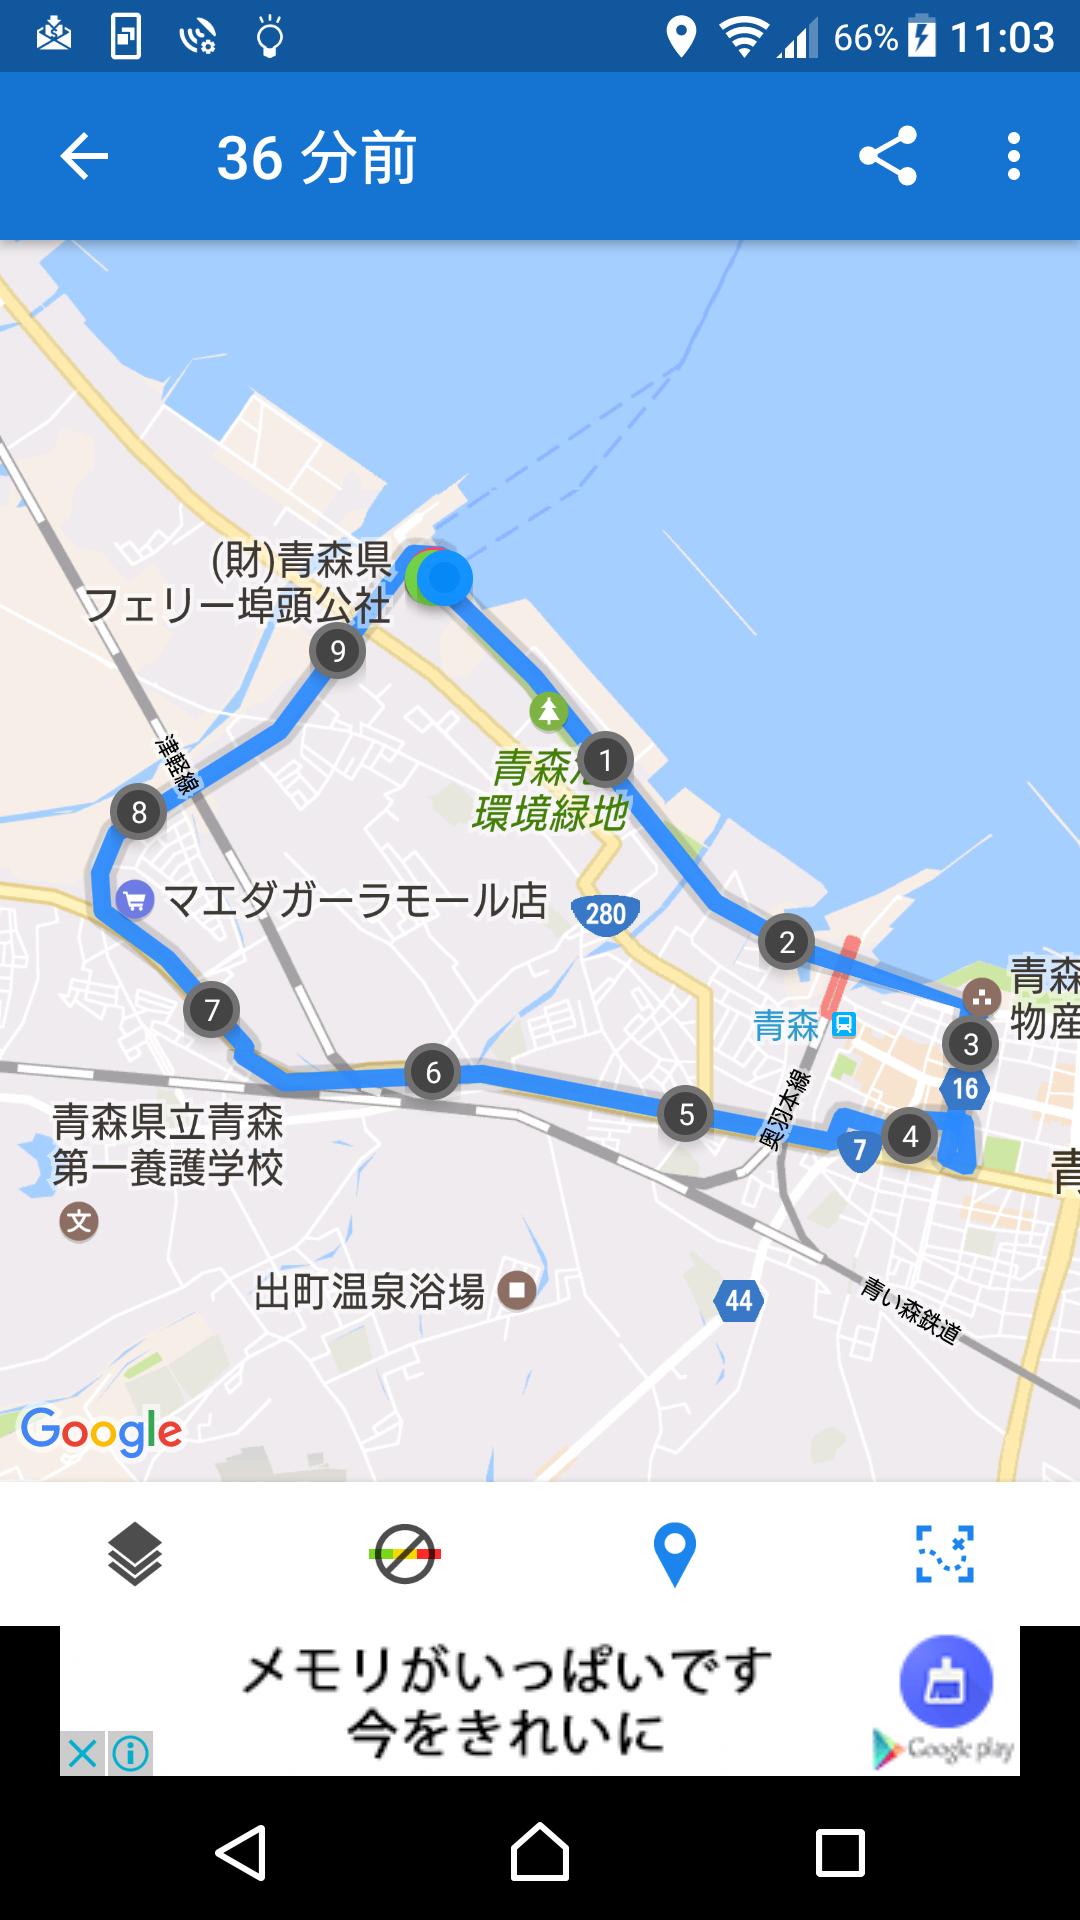 f:id:ynakayama27:20170619111419p:plain